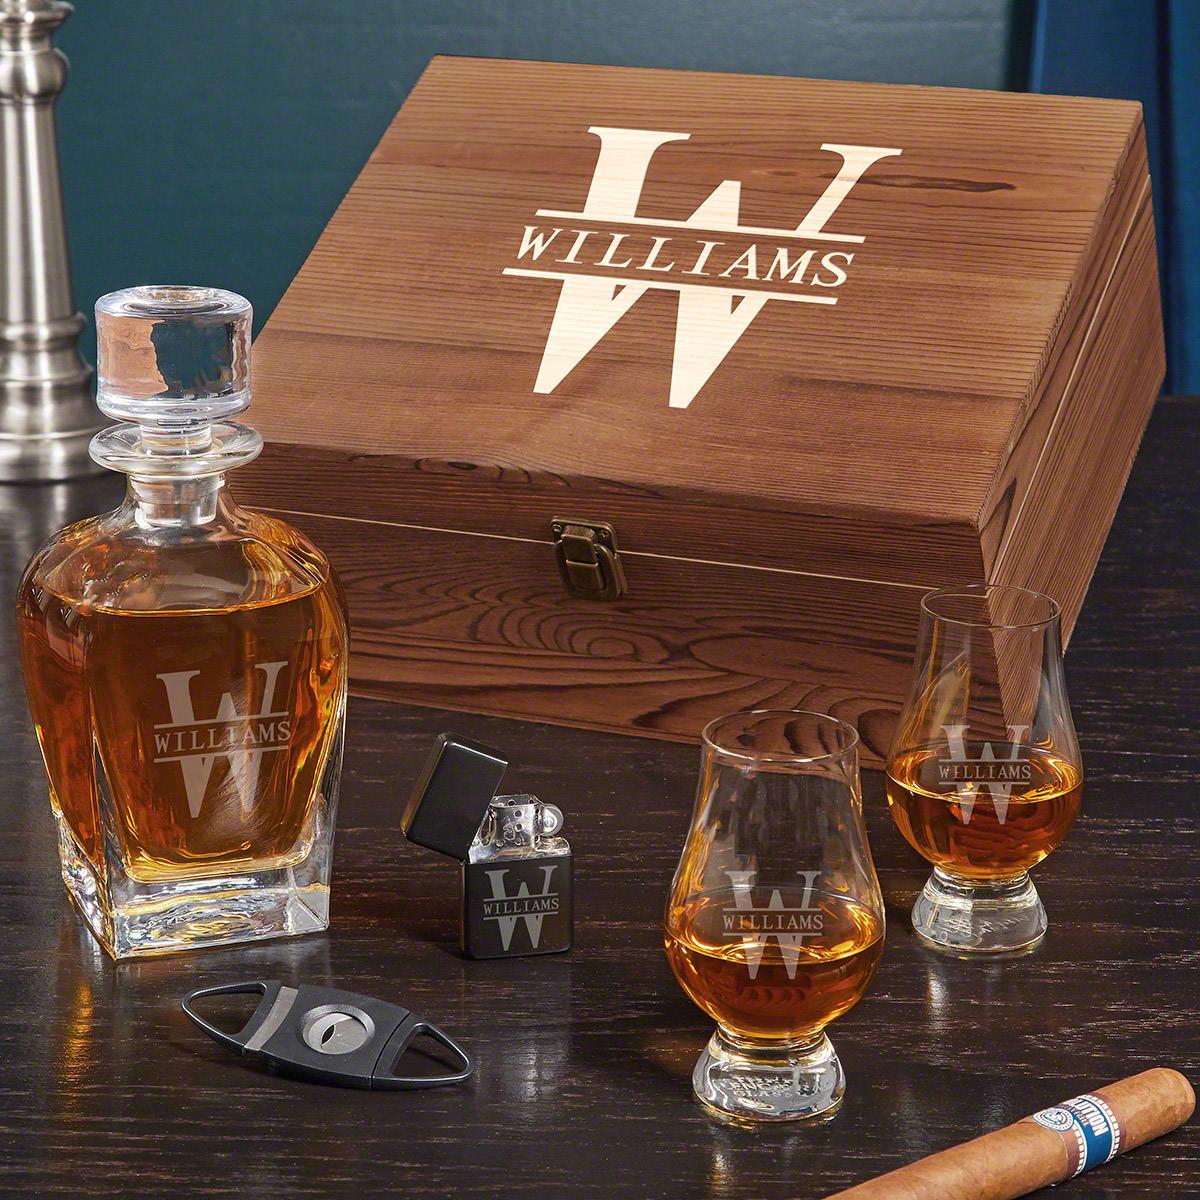 Oakmont Draper Personalized Whiskey Gift Set with Glencairn Glasses